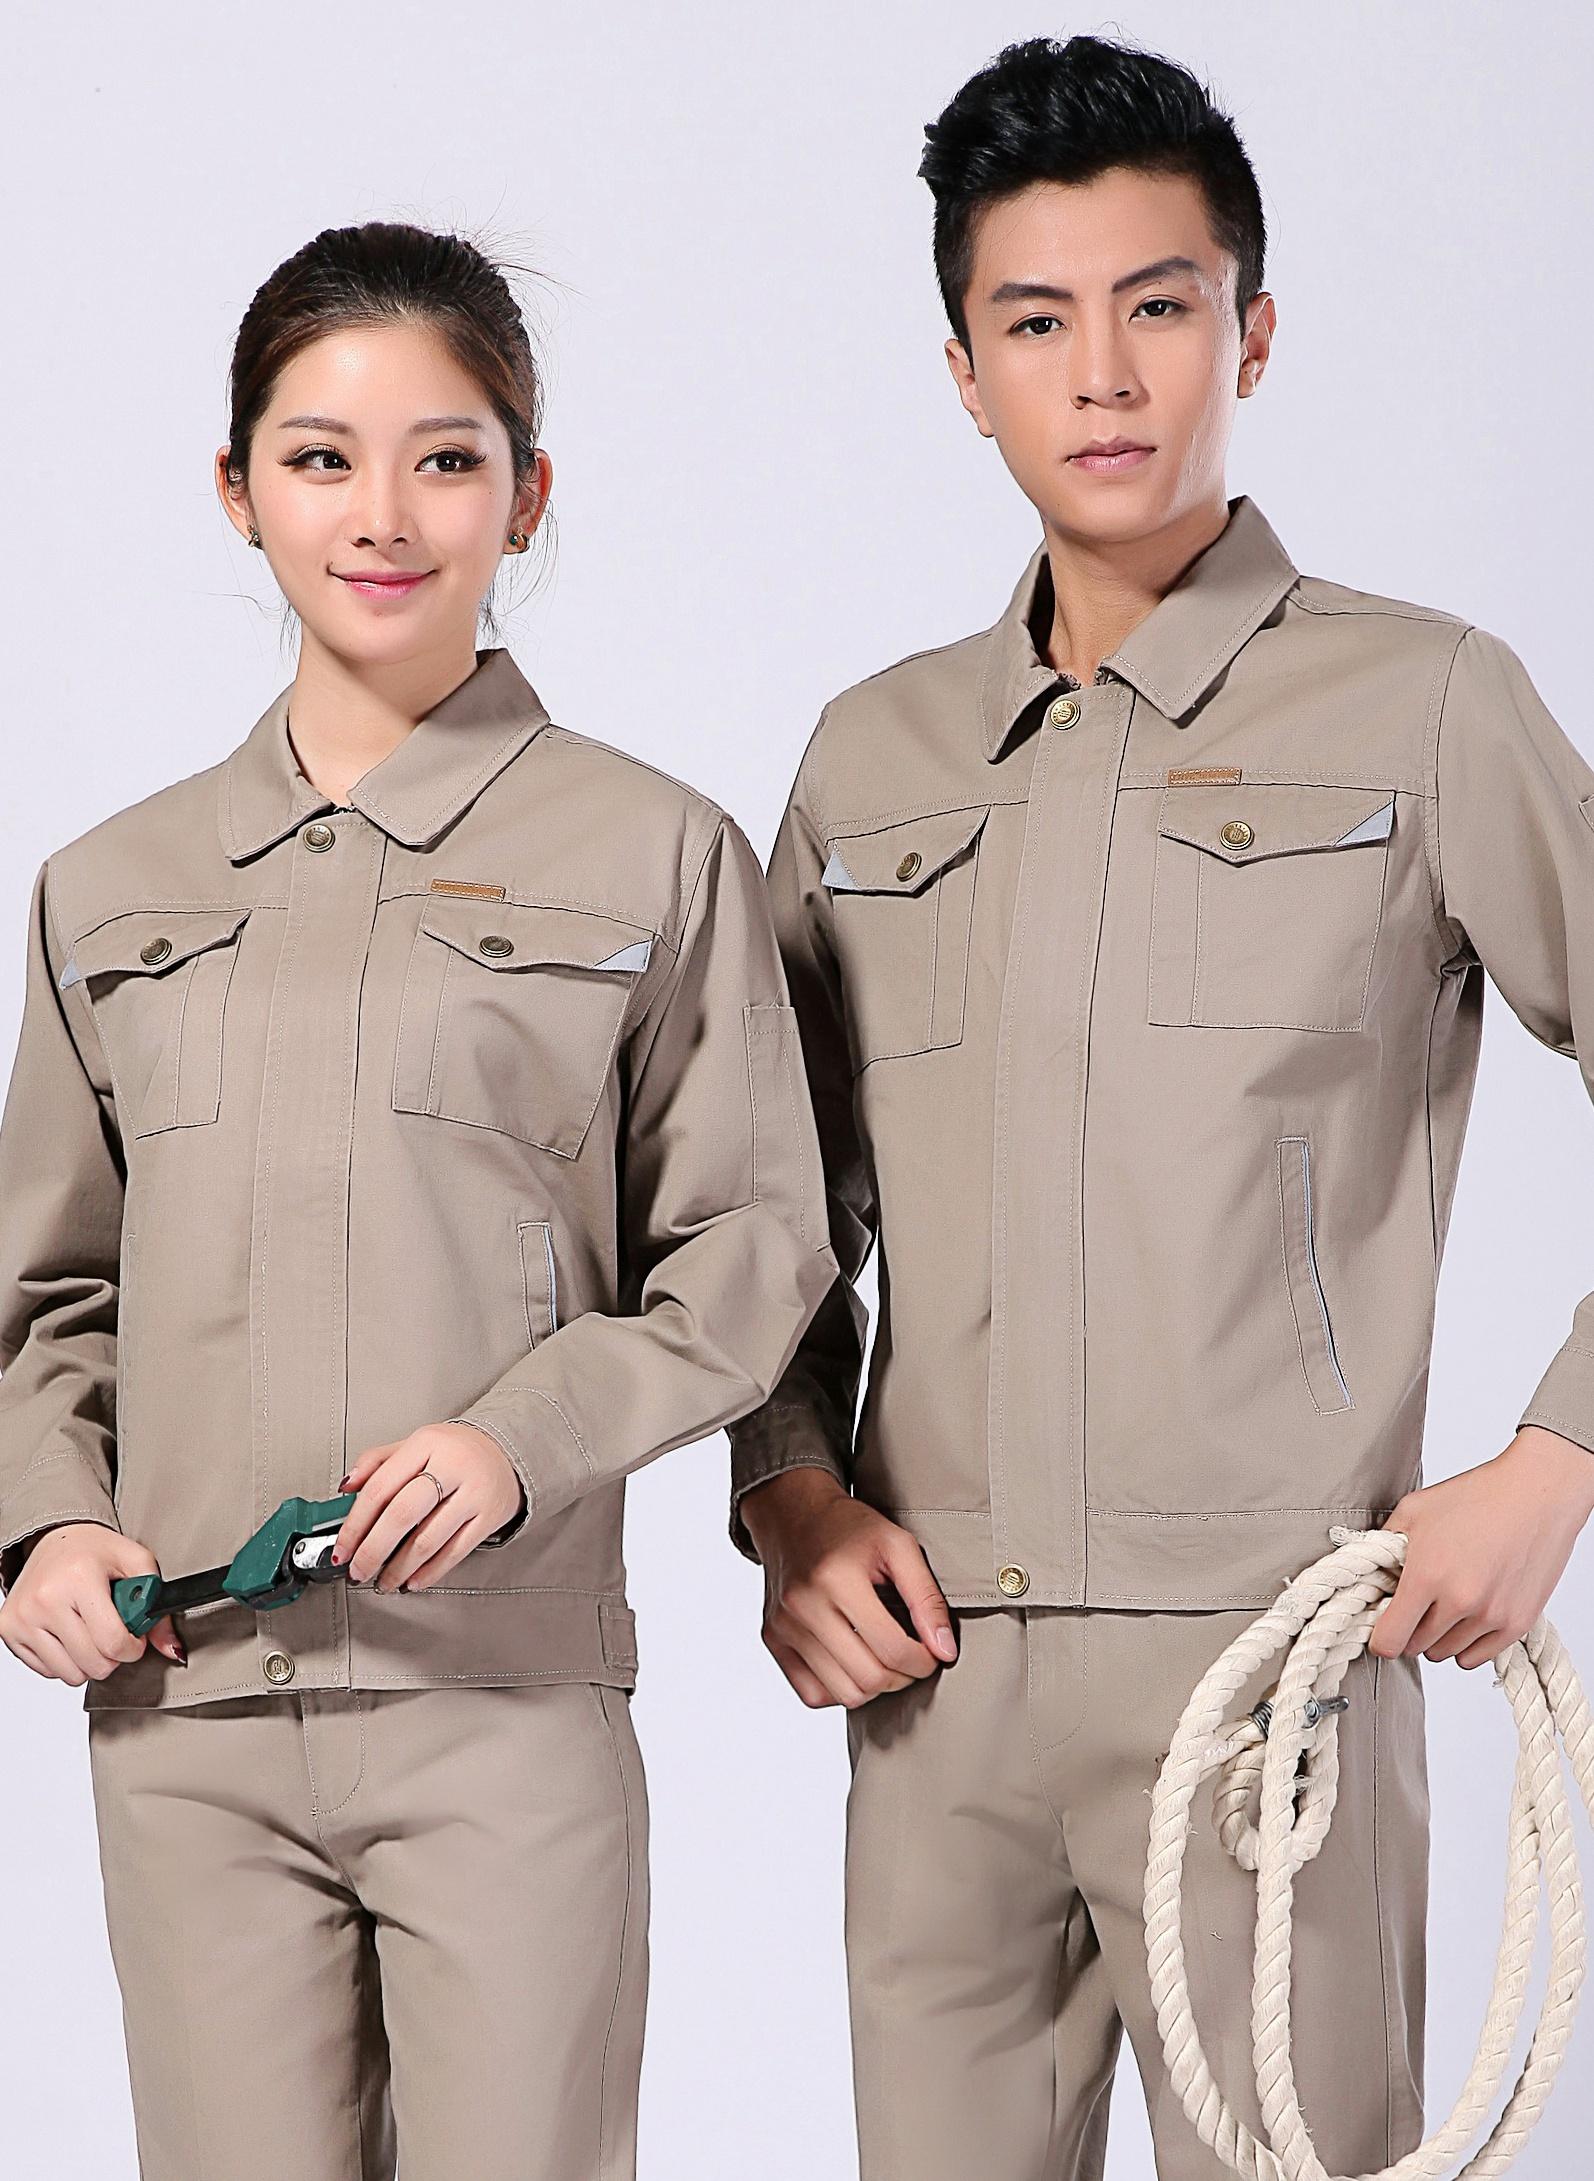 2020新款春秋工作服长袖全面防静电男女工作服 - 009A - 乐好英超